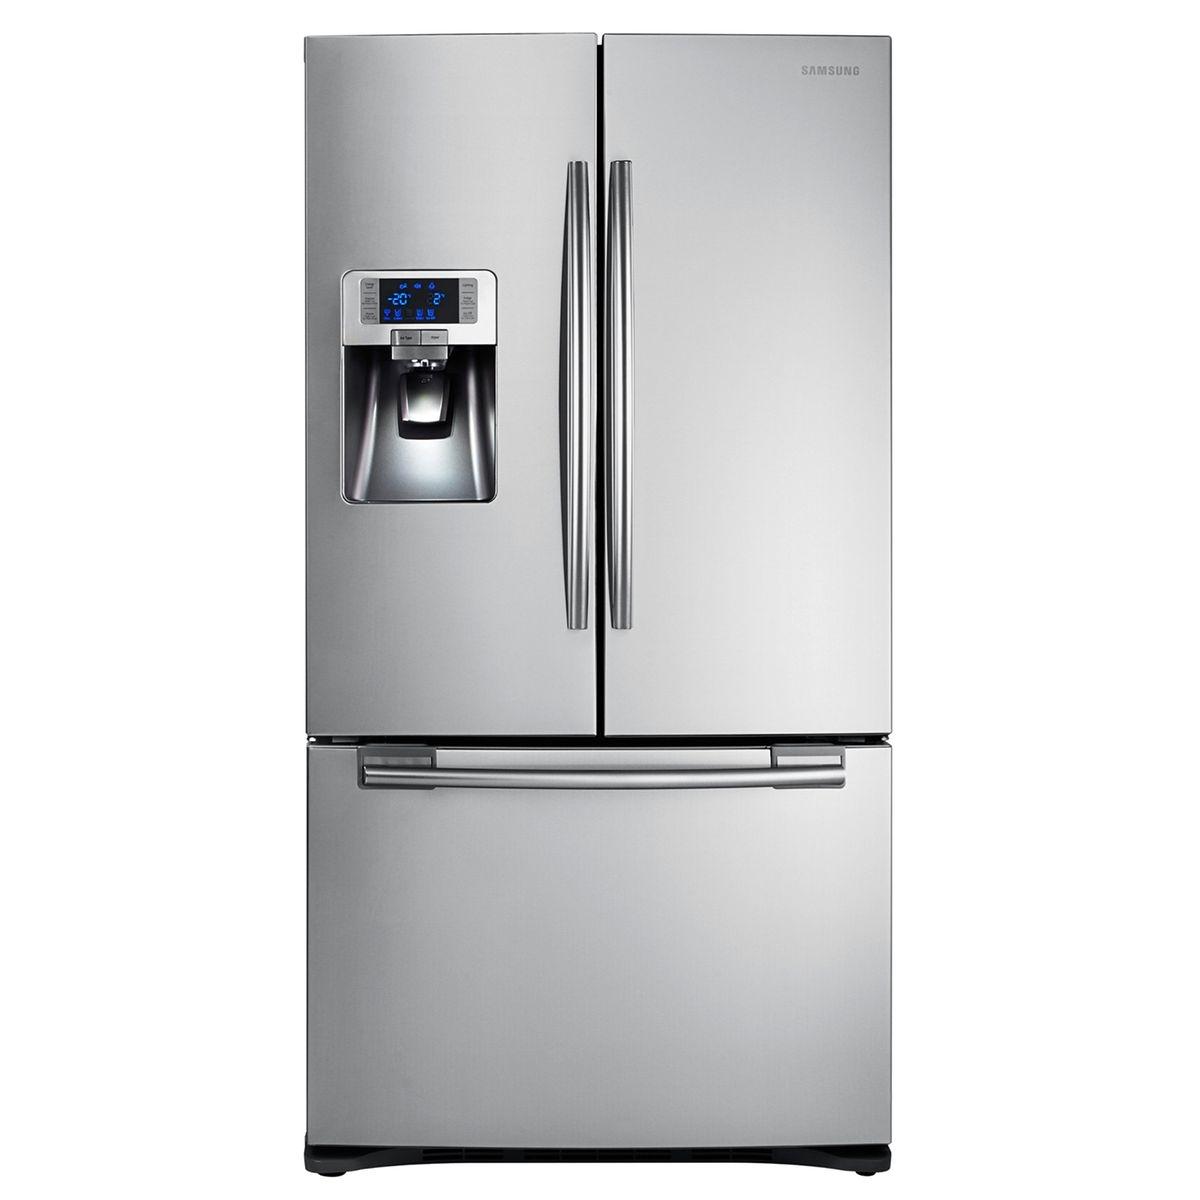 R frig rateur am ricain multi portes rfg23uers vendu par for Refrigerateur americain porte miroir